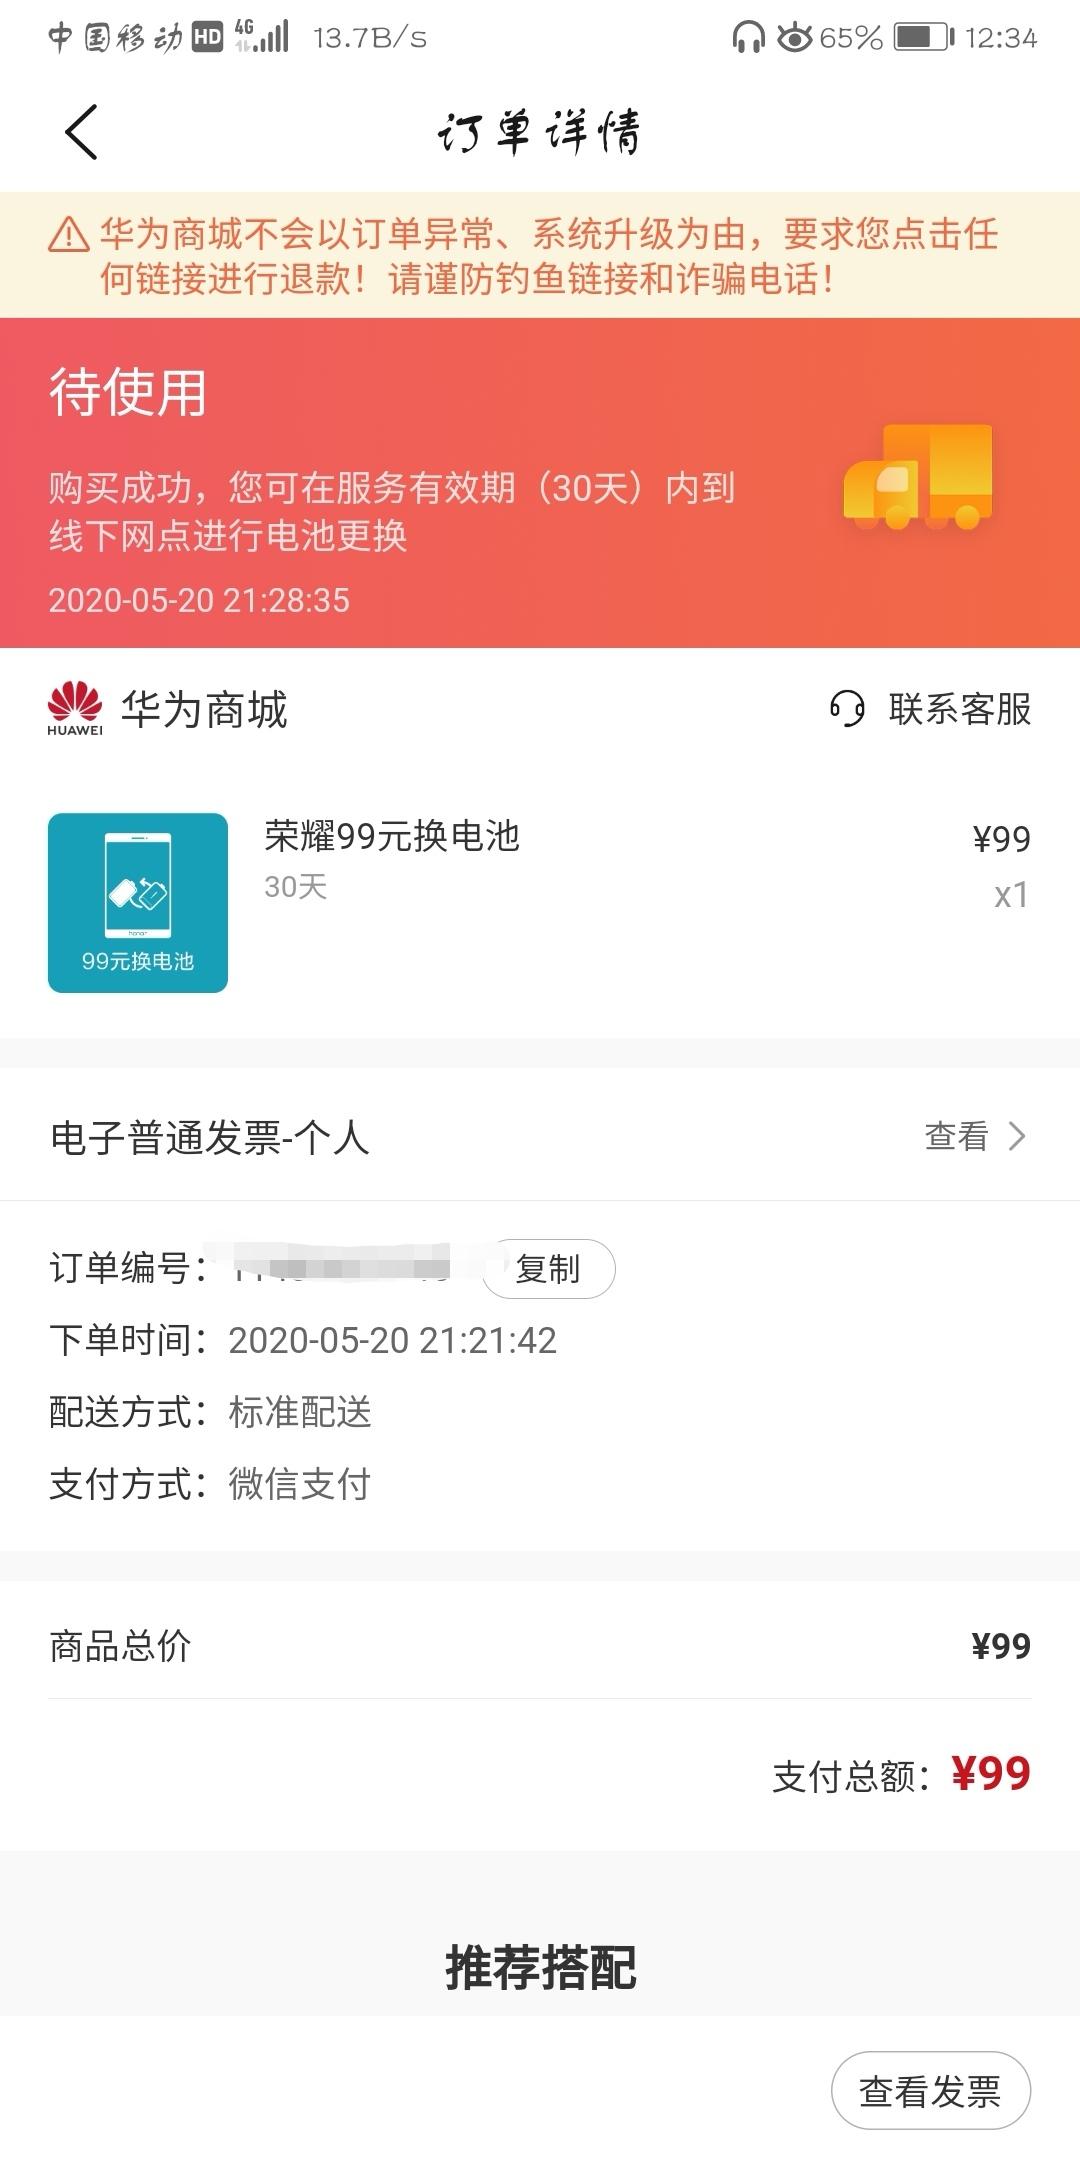 Screenshot_20200522_124814.jpg